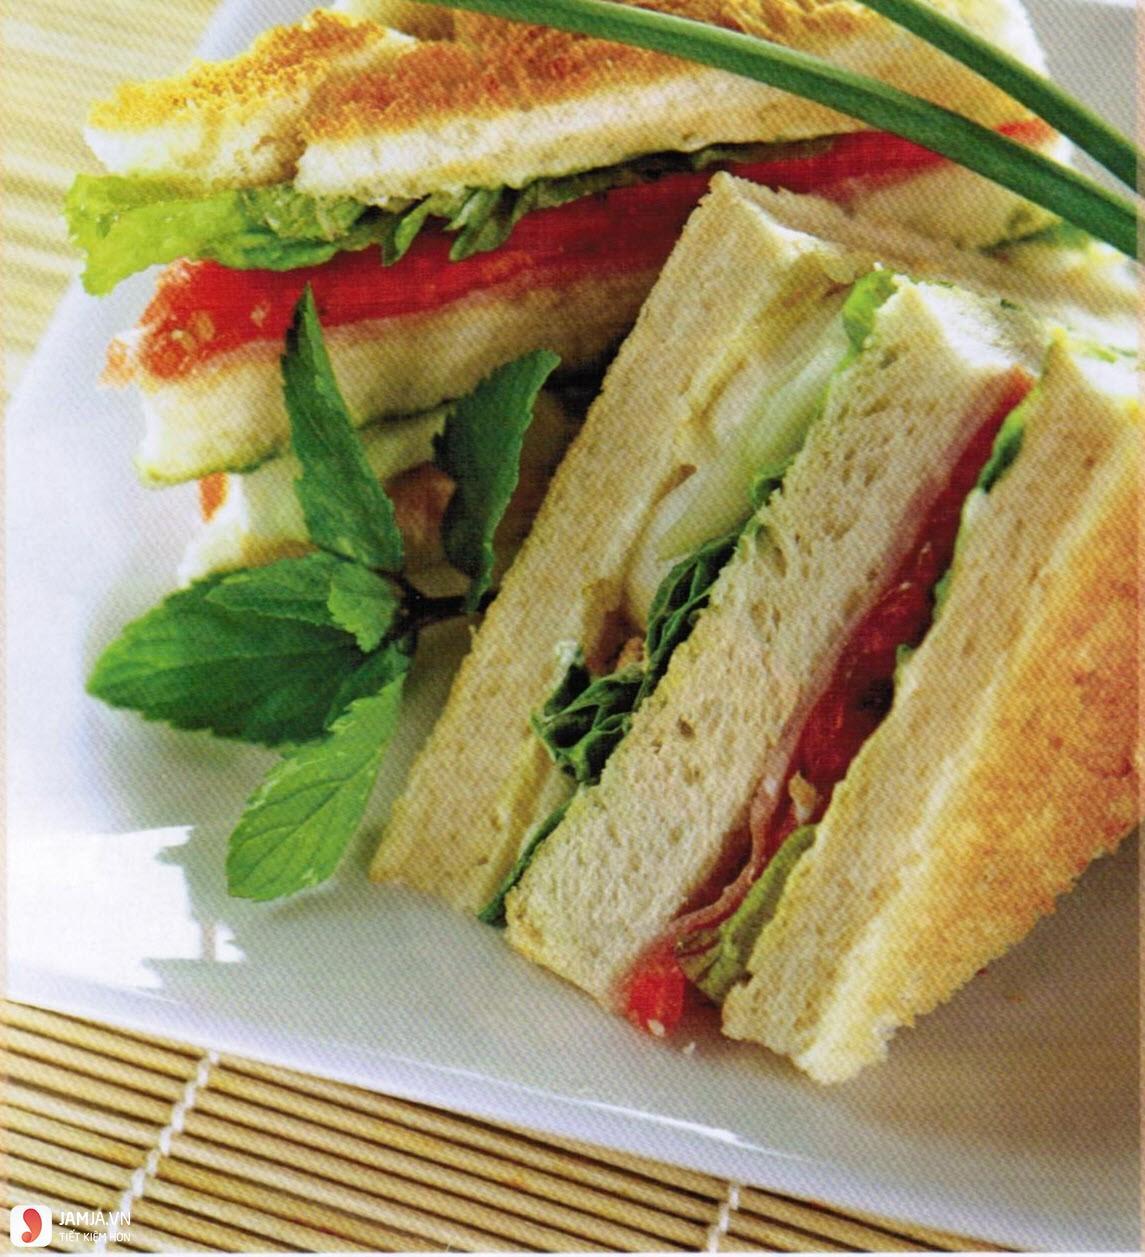 cách làm bánh mì sandwich kẹp trứng 4